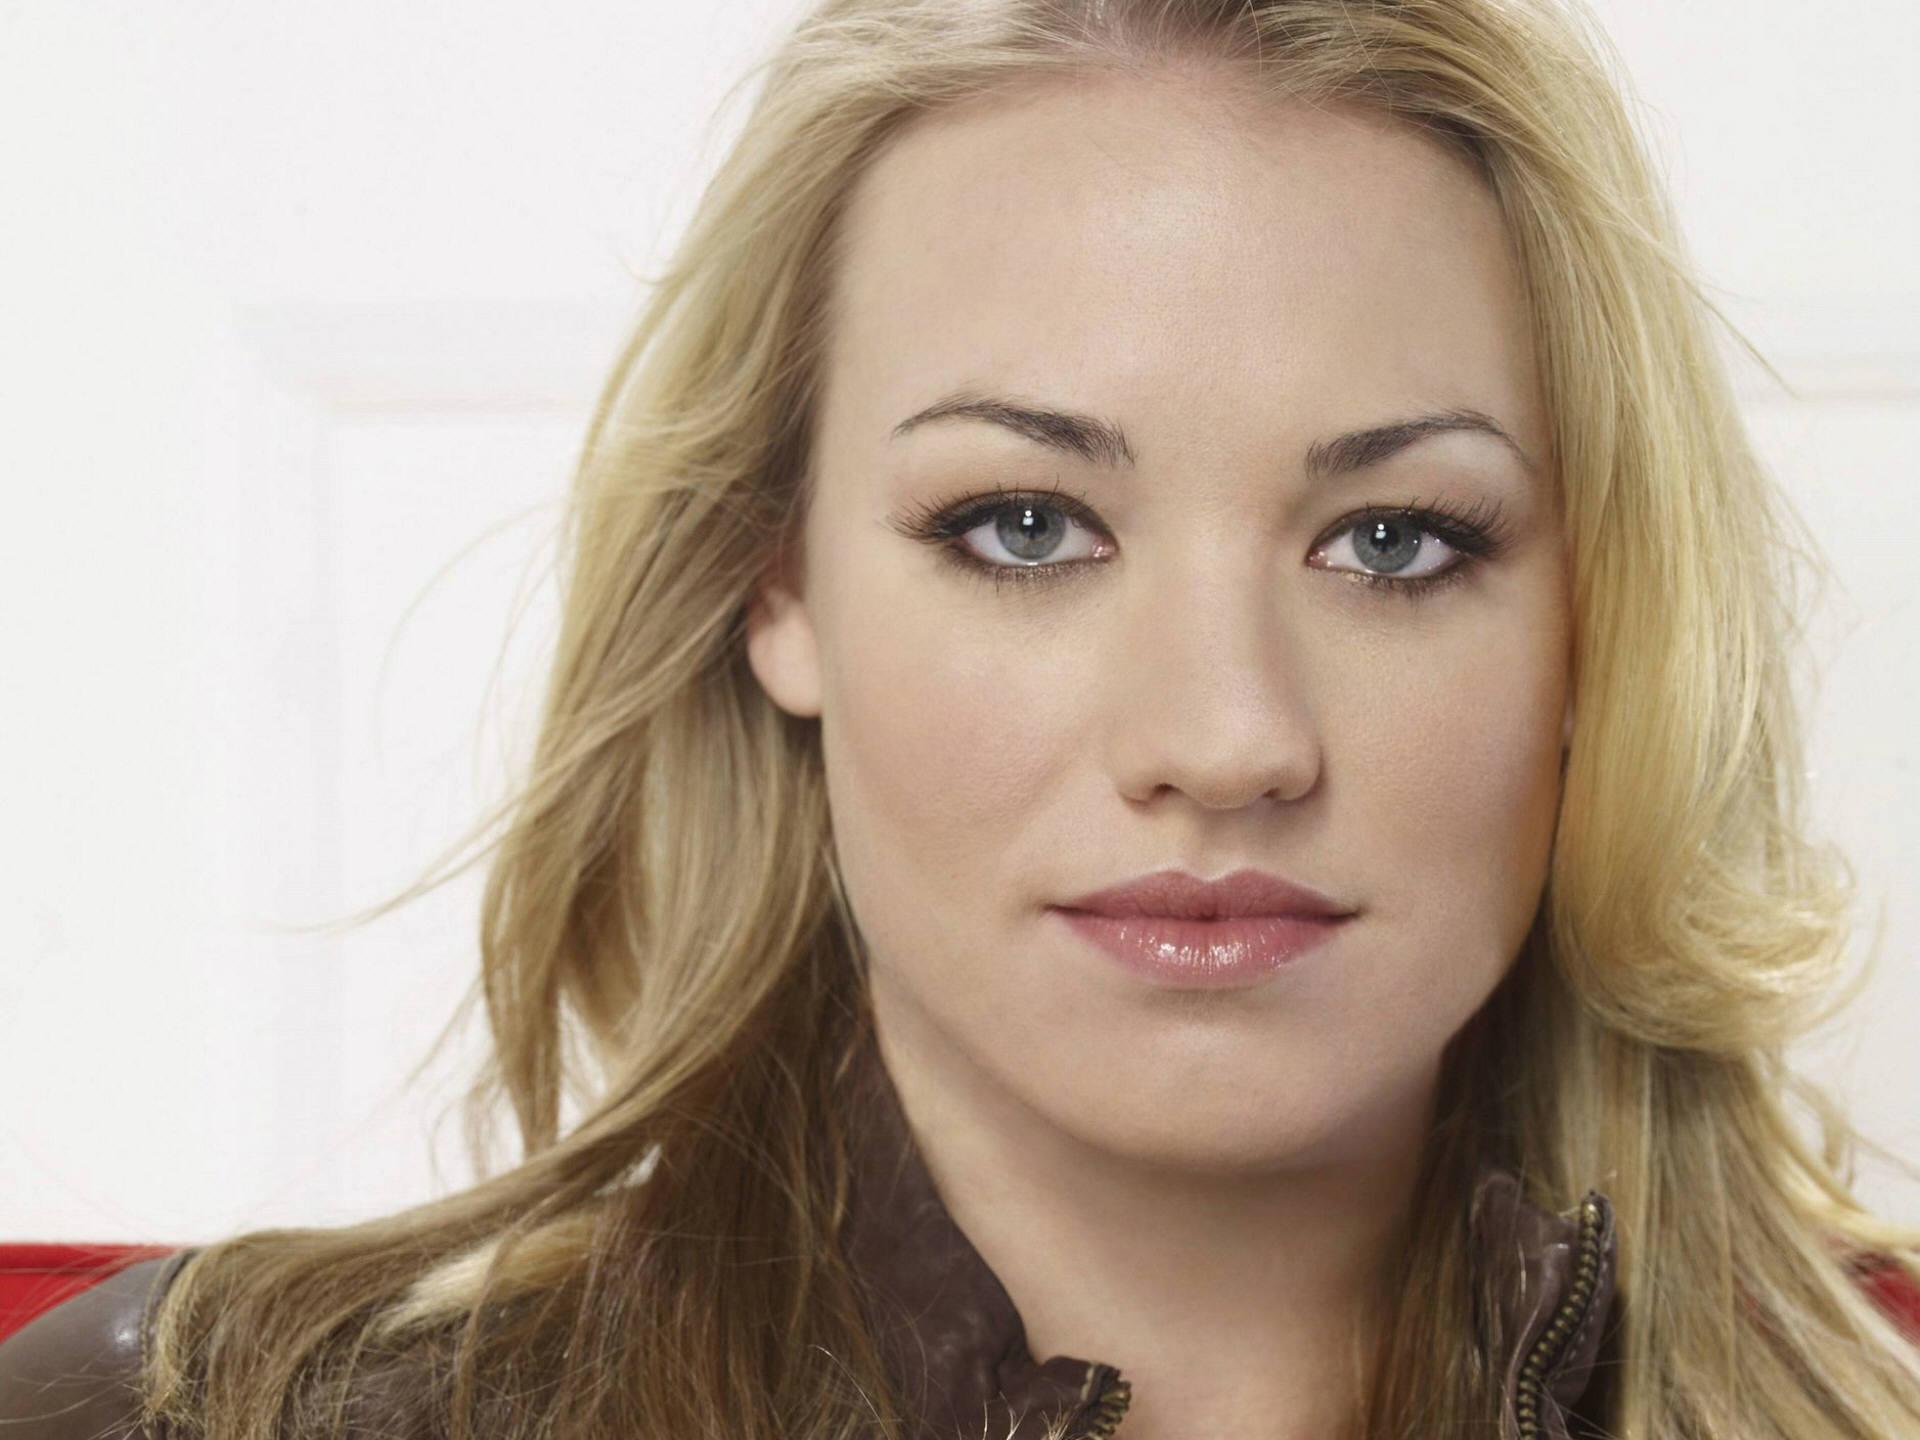 Pretty Yvonne Wallpaper!